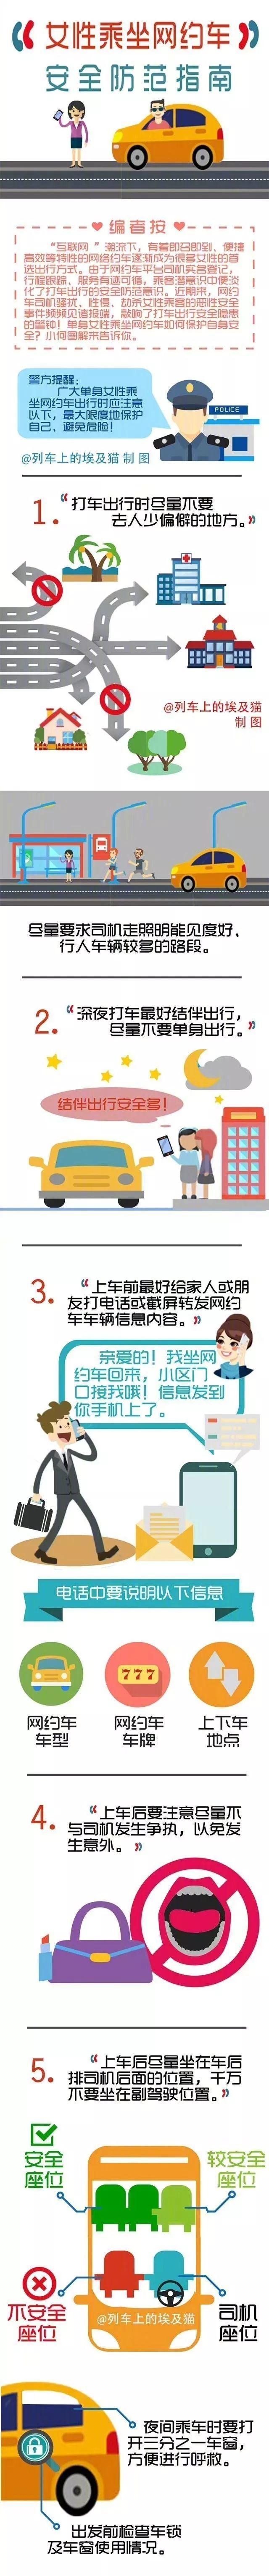 女性乘坐网约车安全防范指南